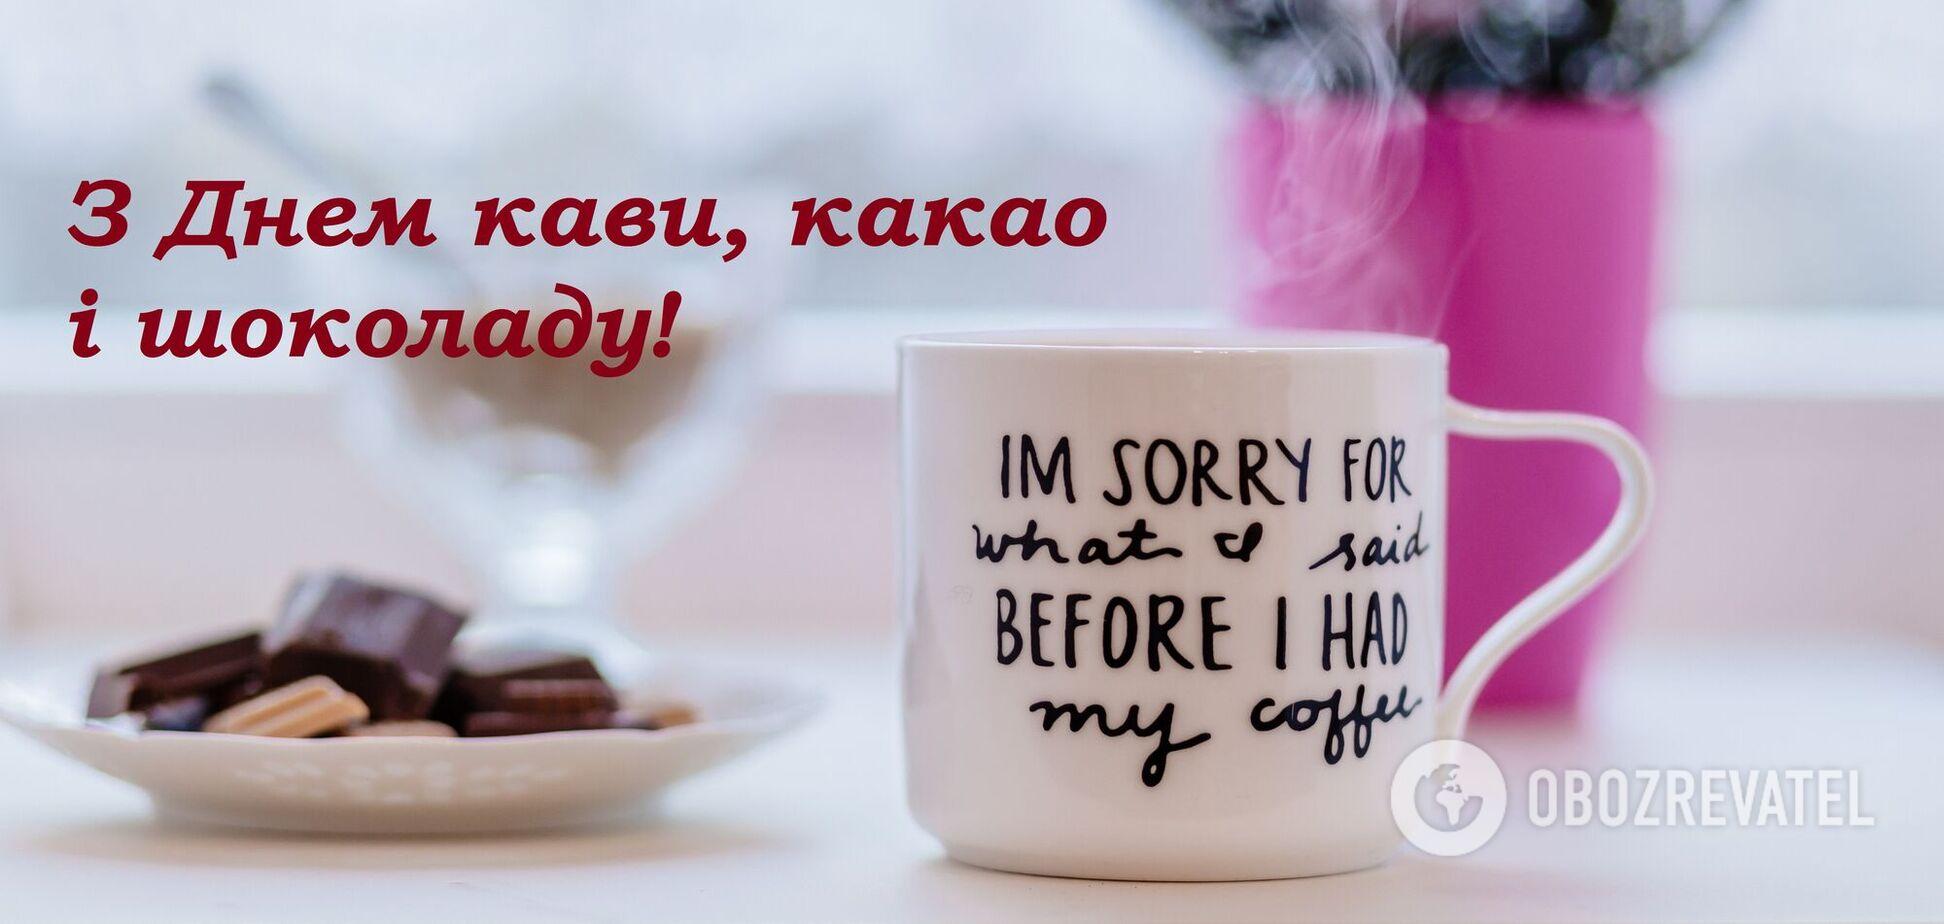 Міжнародний день кави та Всесвітній день какао і шоколаду